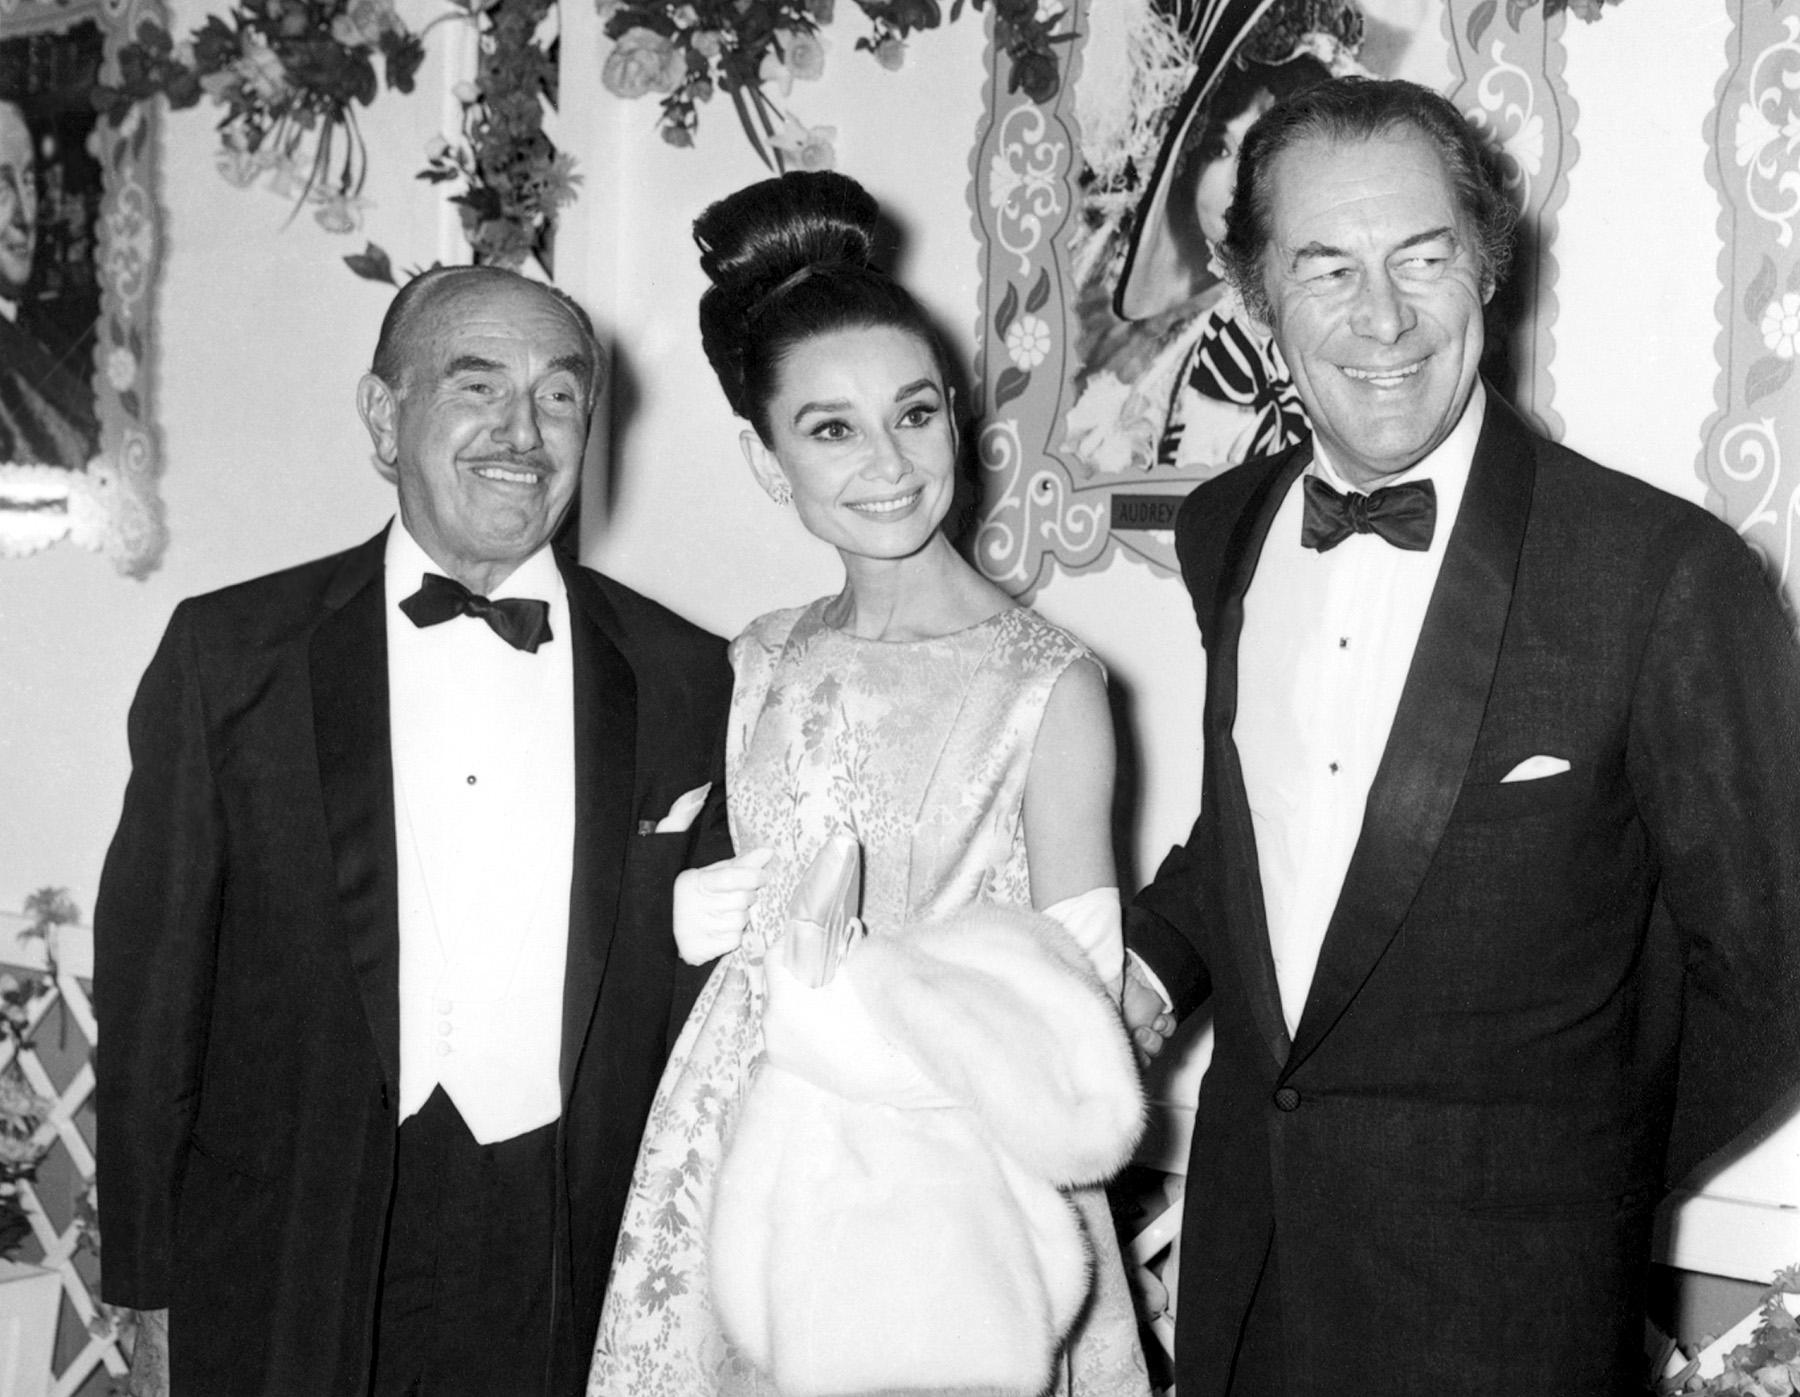 The mystique of Audrey Hepburn